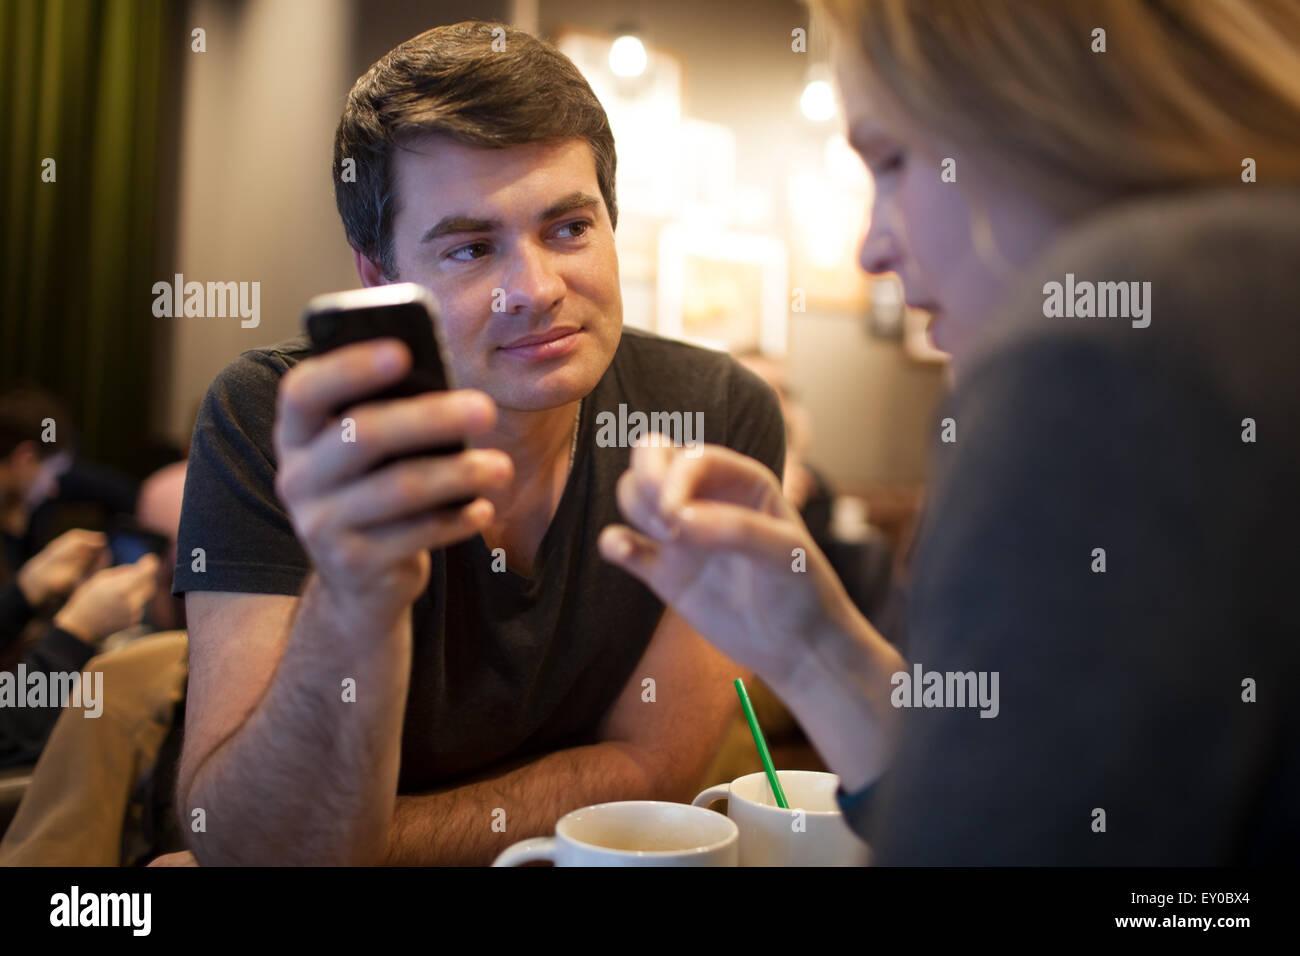 Uomo che utilizza il telefono cellulare durante la riunione con la ragazza di cafe Immagini Stock